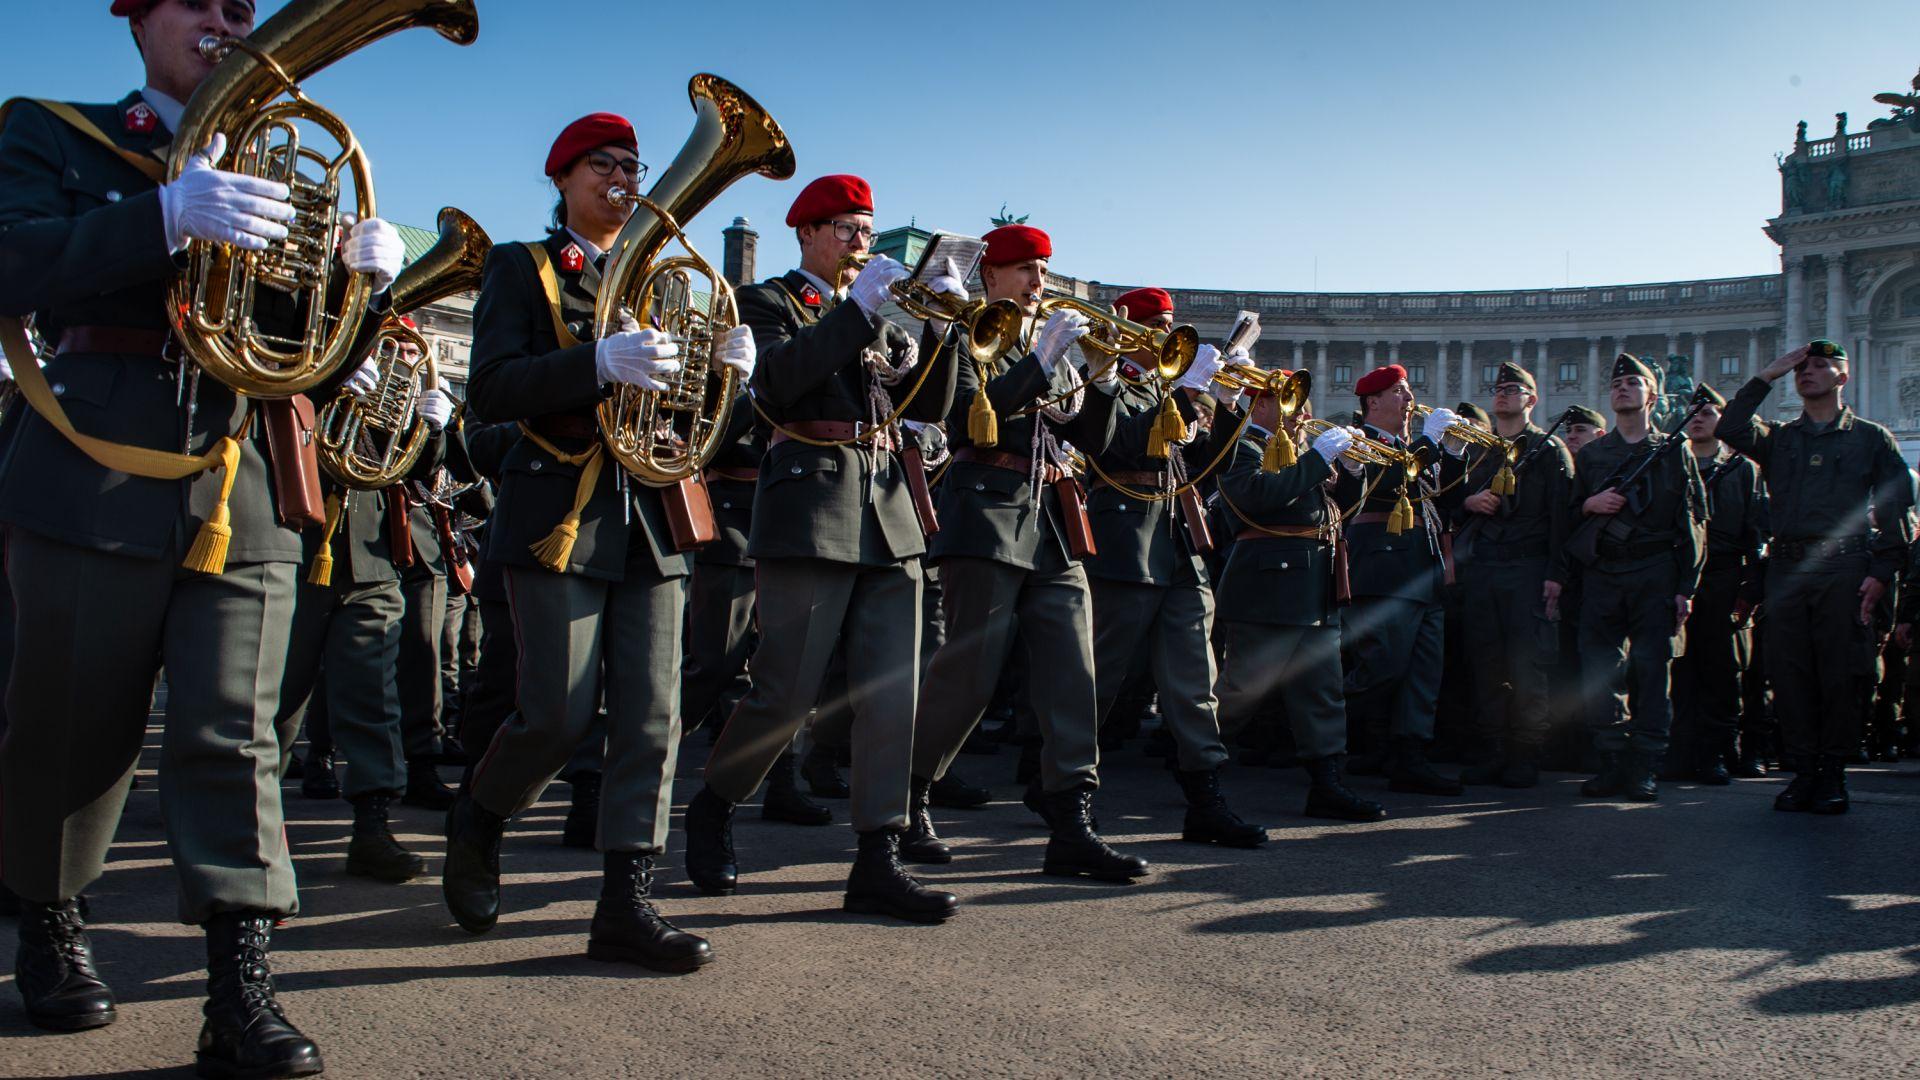 С тържества, маршове и венци Австрия чества националния си празник